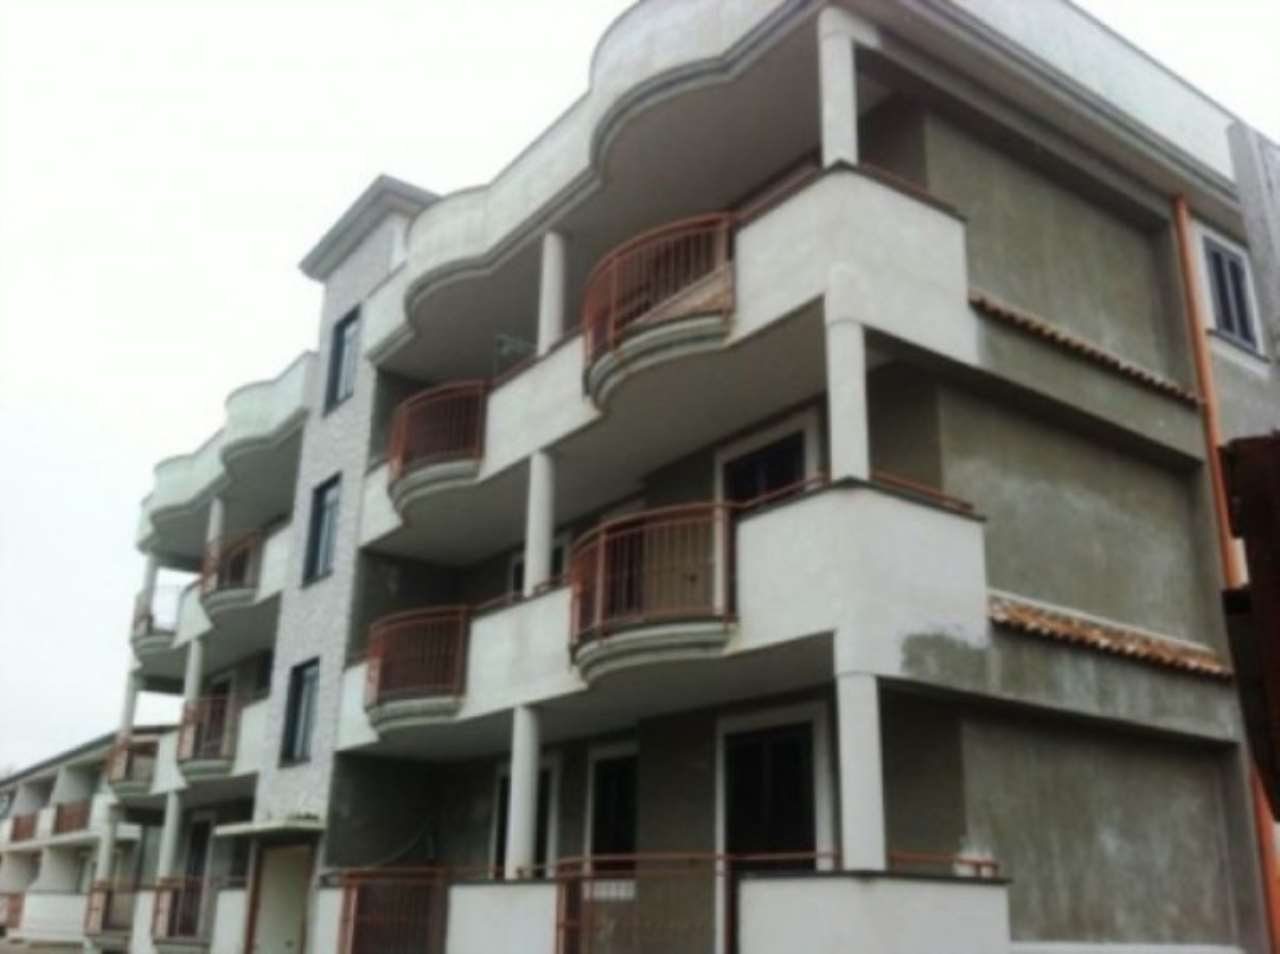 Appartamento in vendita a Cicciano, 4 locali, Trattative riservate | CambioCasa.it